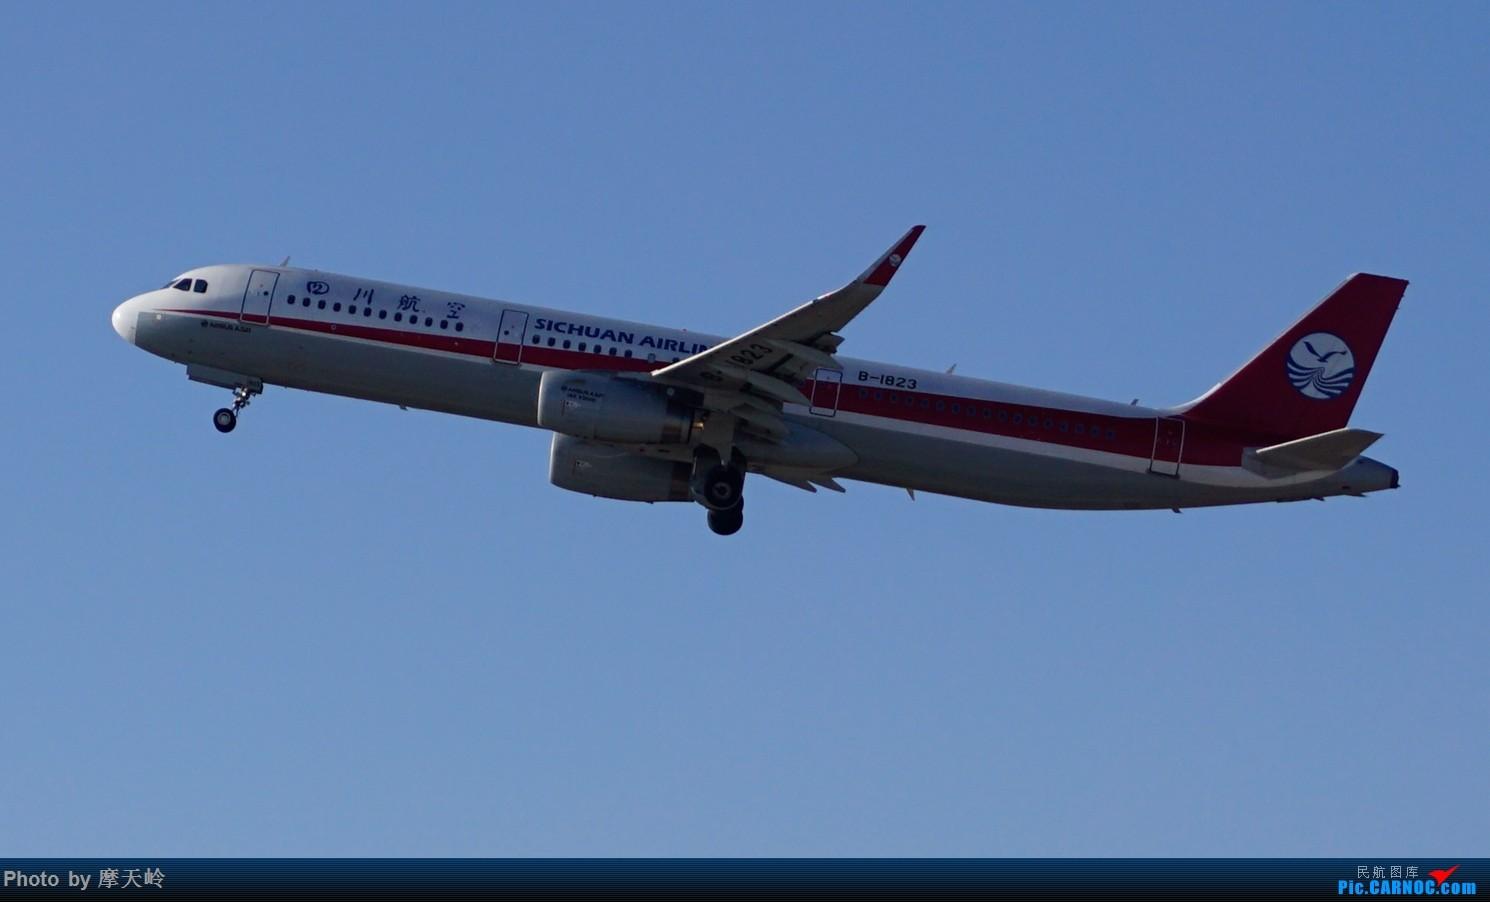 Re:[原创]长水一组 AIRBUS A321-200 B-1823 中国昆明长水国际机场机场